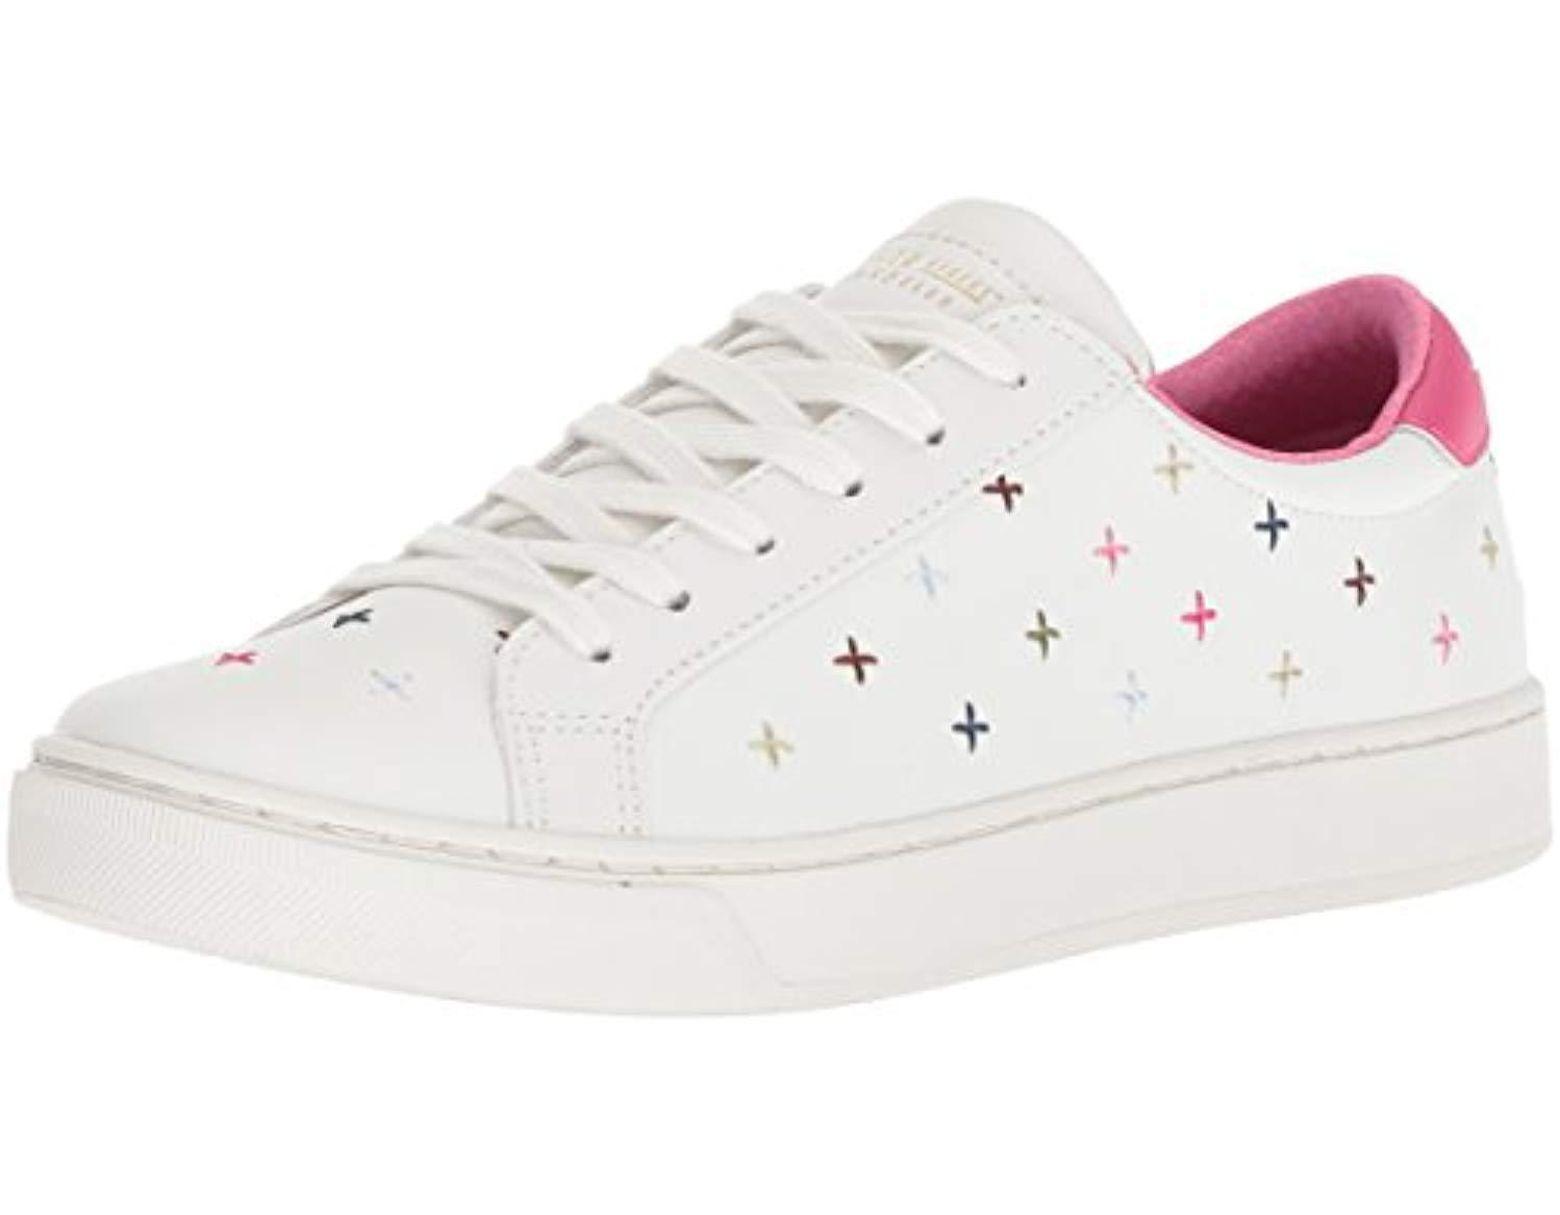 3abada906b418 Women's White Prima-embroidered Sneaker